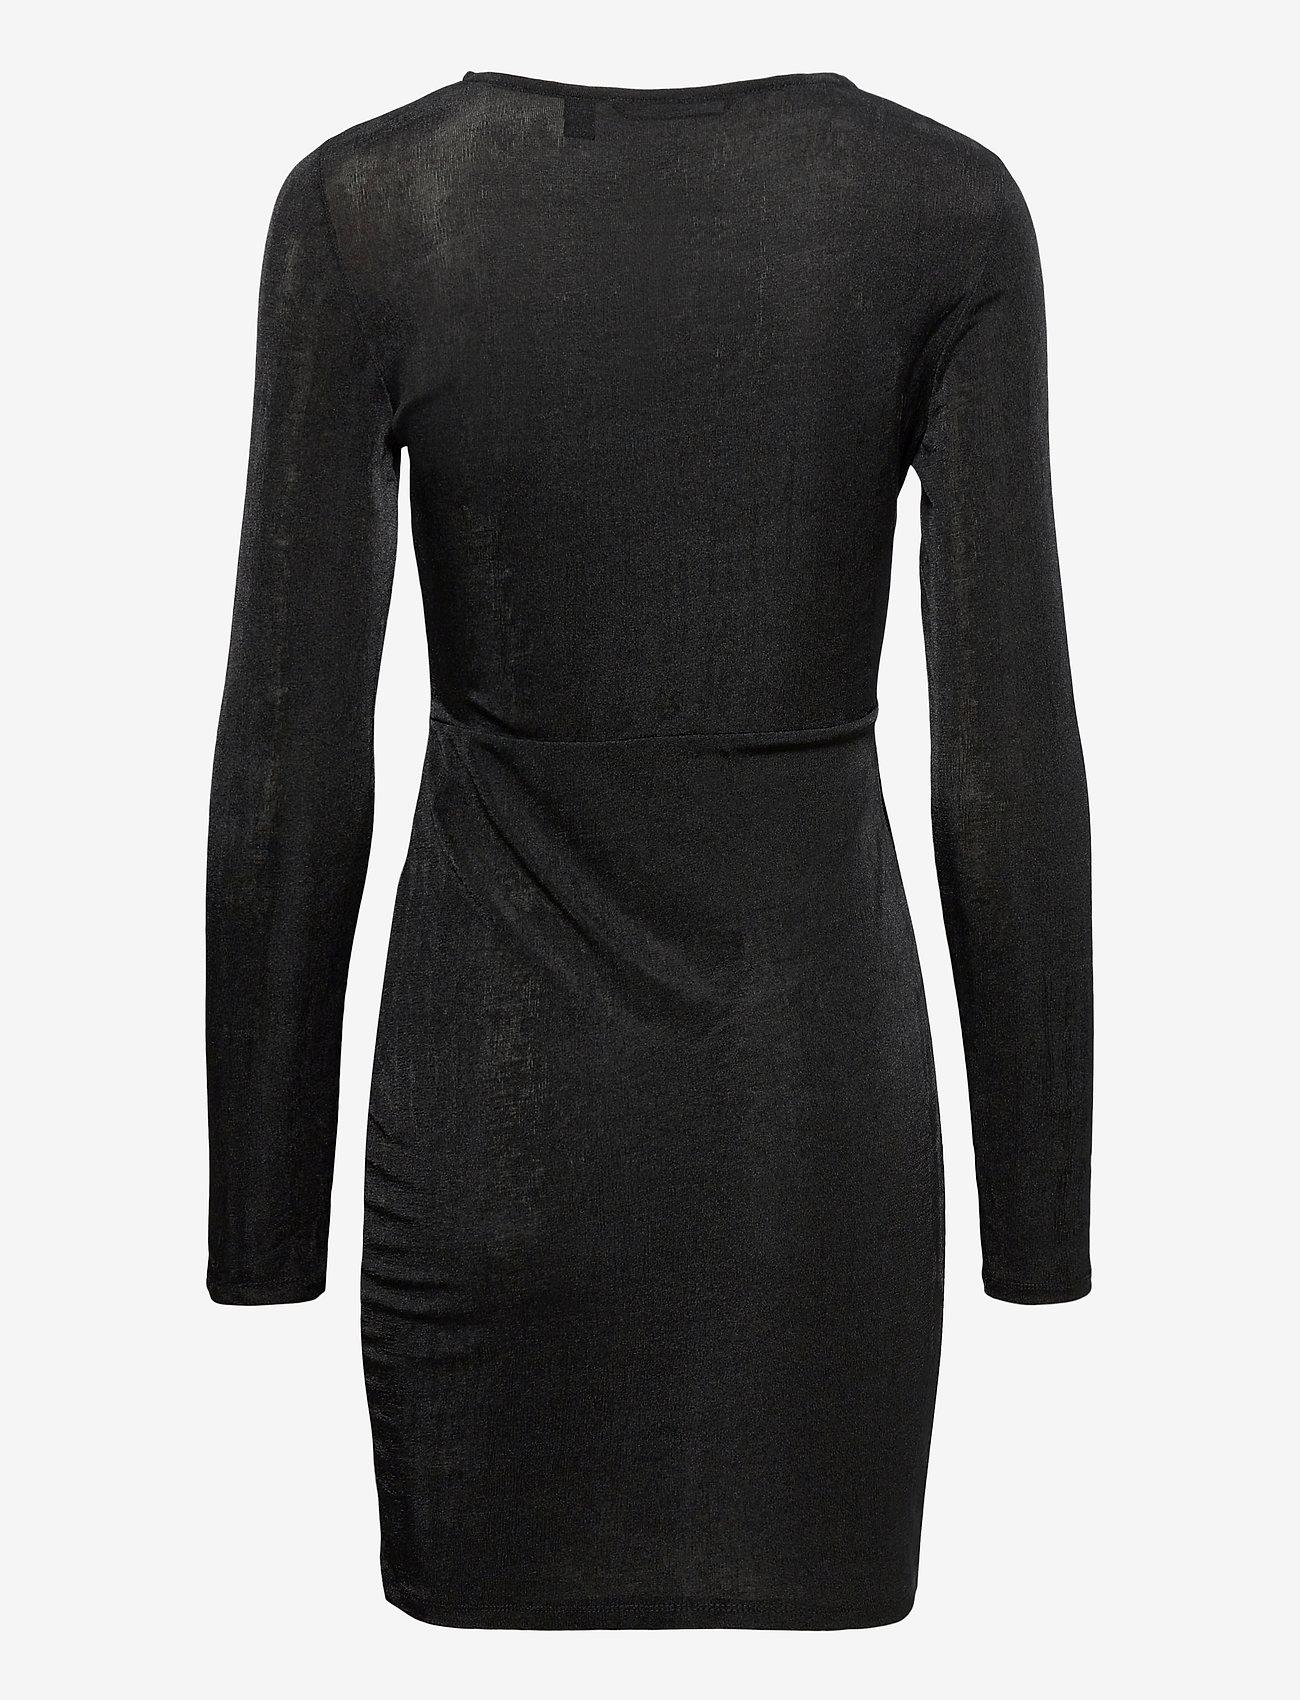 Vero Moda - VMAMIRA LS BLK DRESS JRS - vardagsklänningar - black - 1